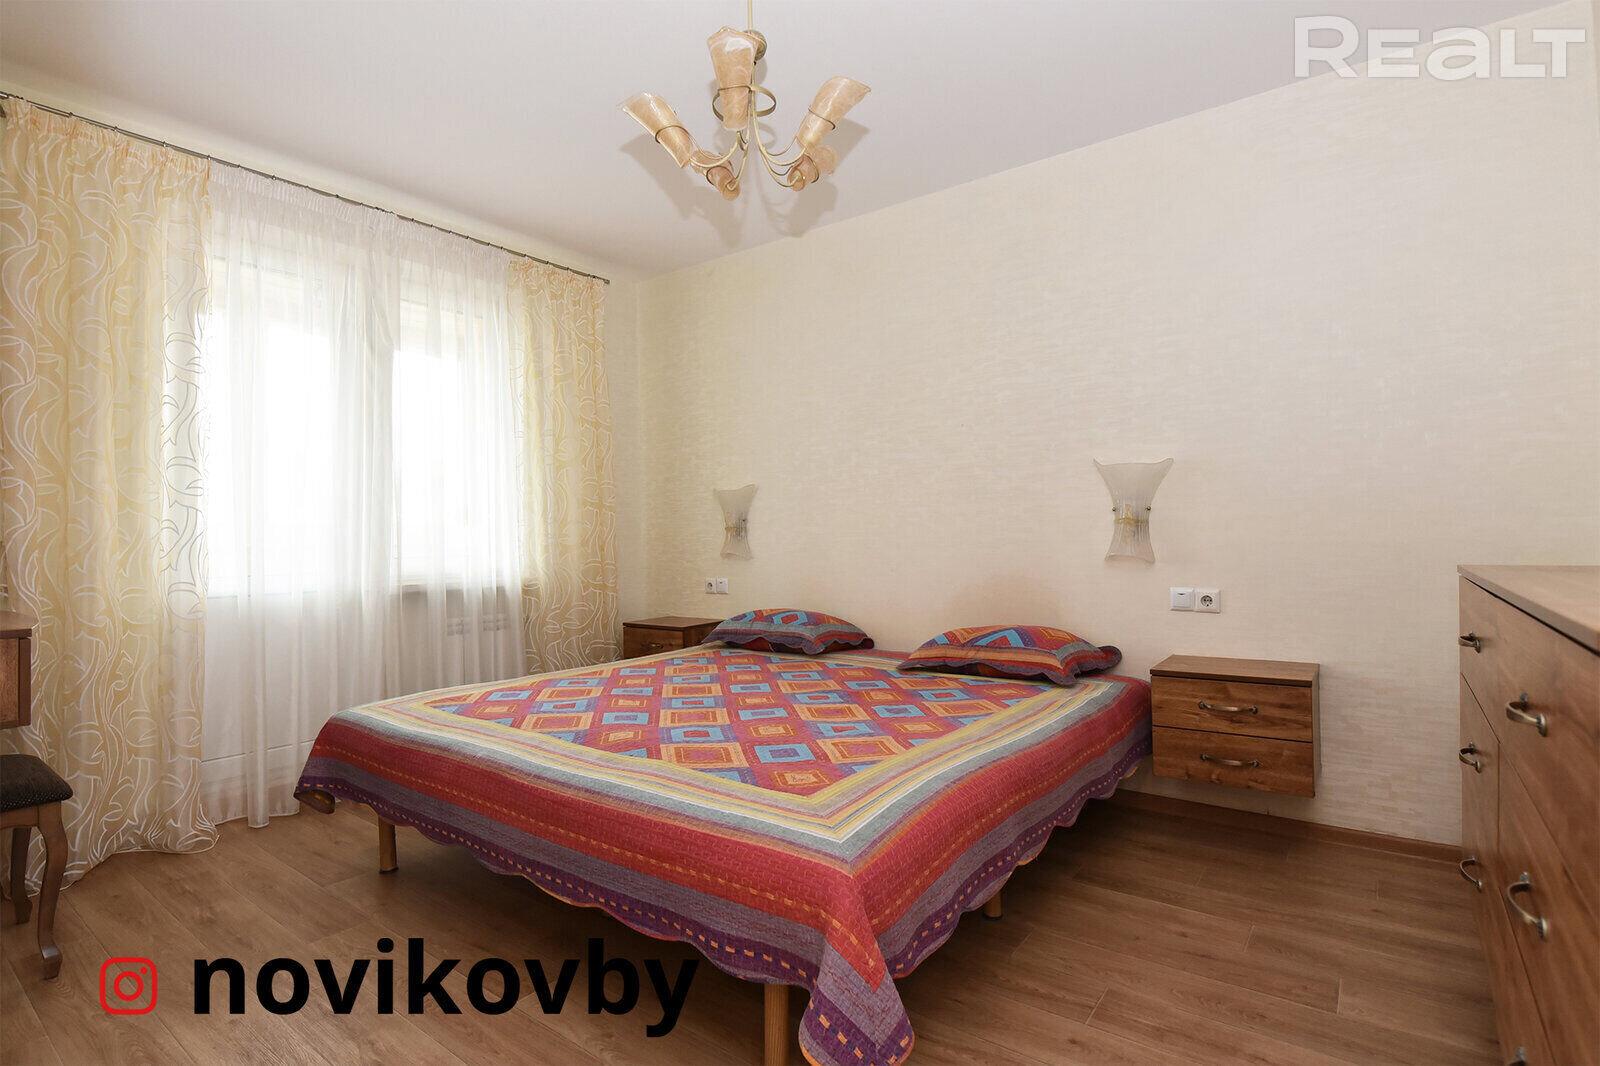 Продается 3-х комнатная квартира, Лесной - фото №5